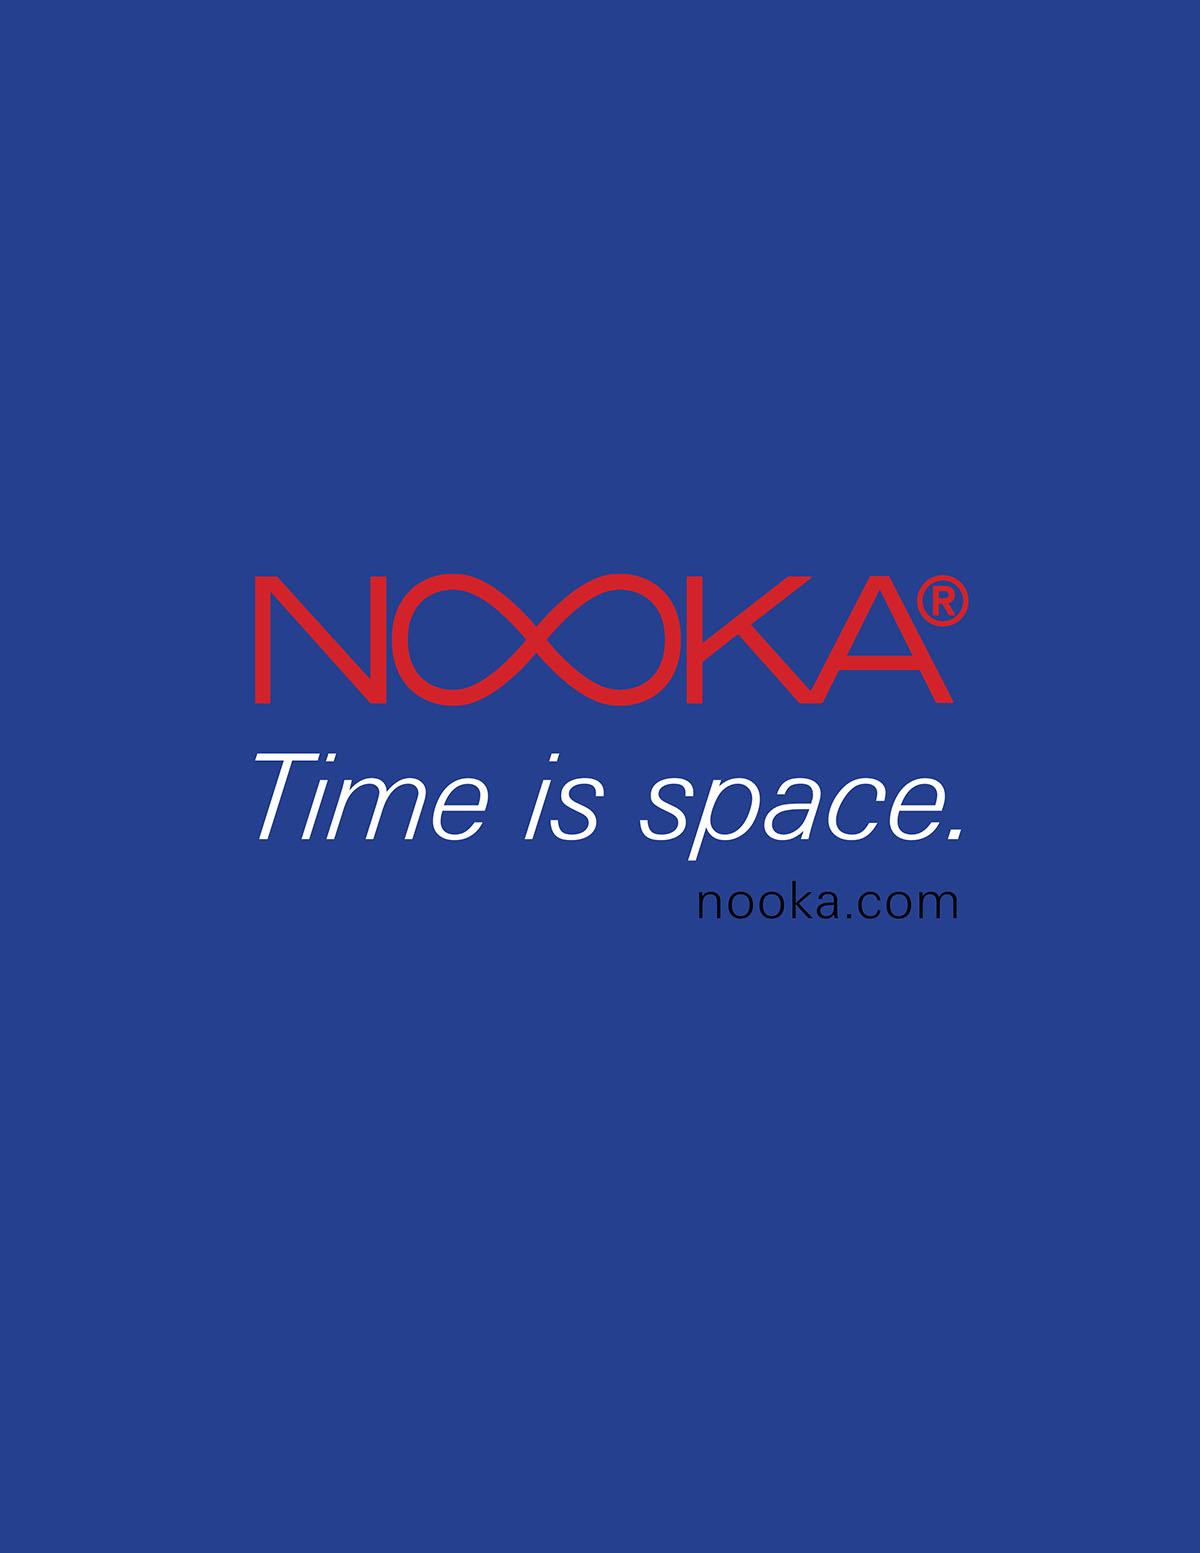 NOOKA_wild_post8.jpg